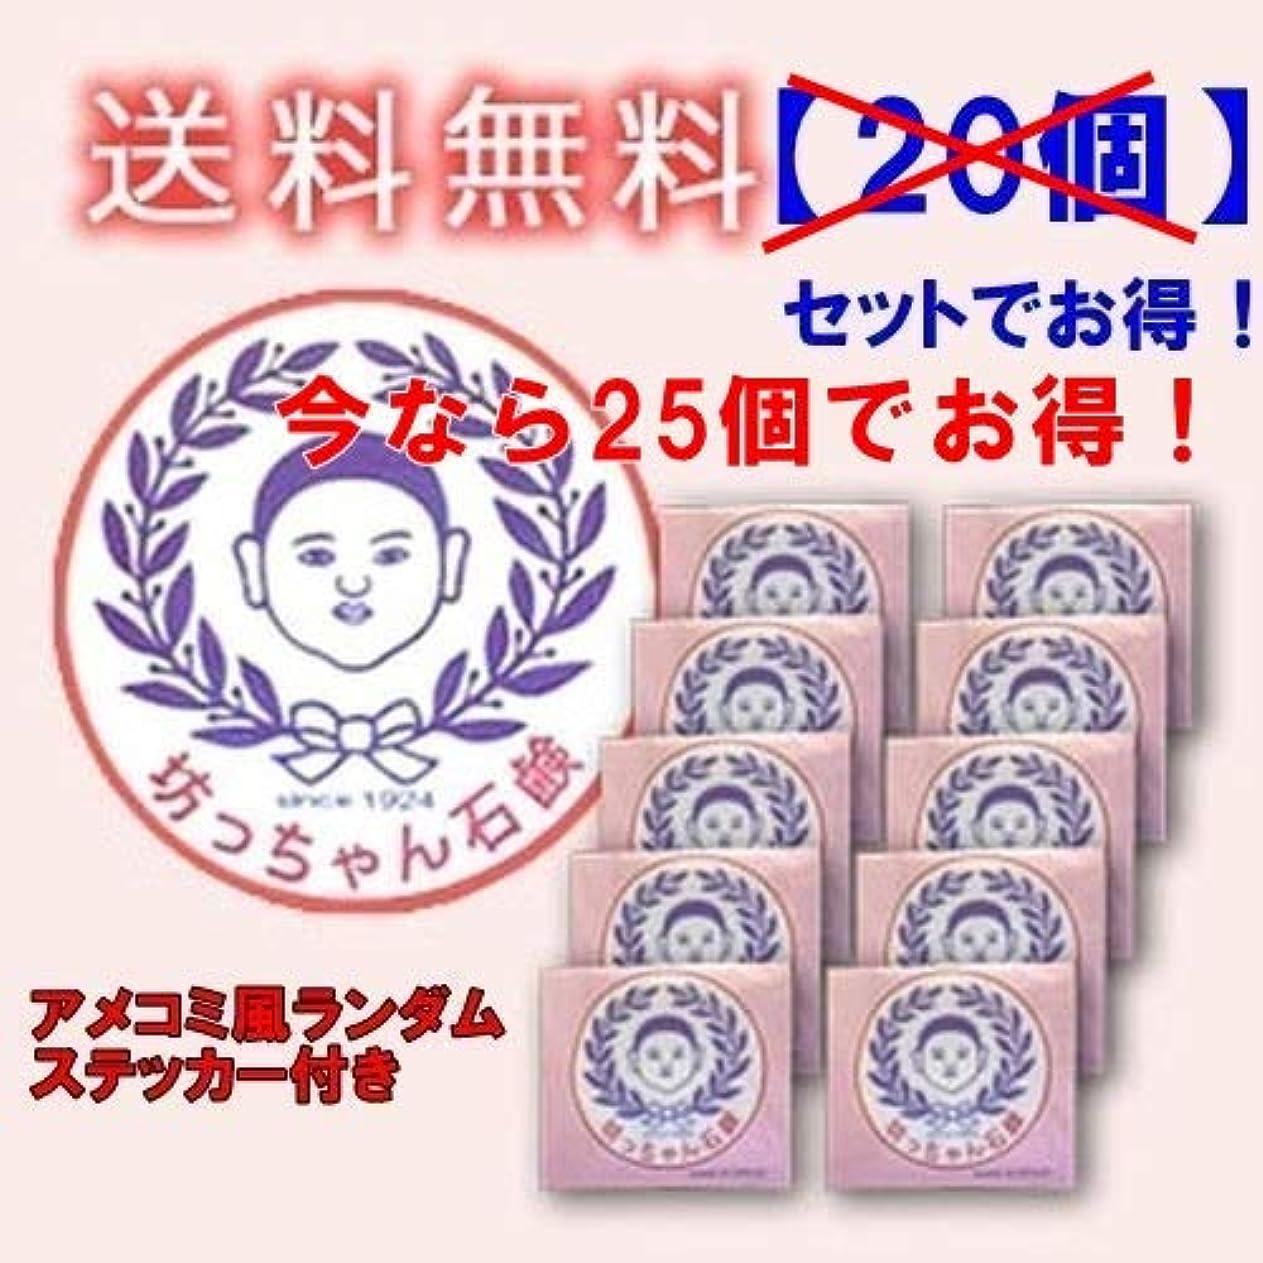 乱れ拘束チャンピオンシップ【20個】釜出し一番石けん 坊っちゃん石鹸 175g×20個まとめ買い